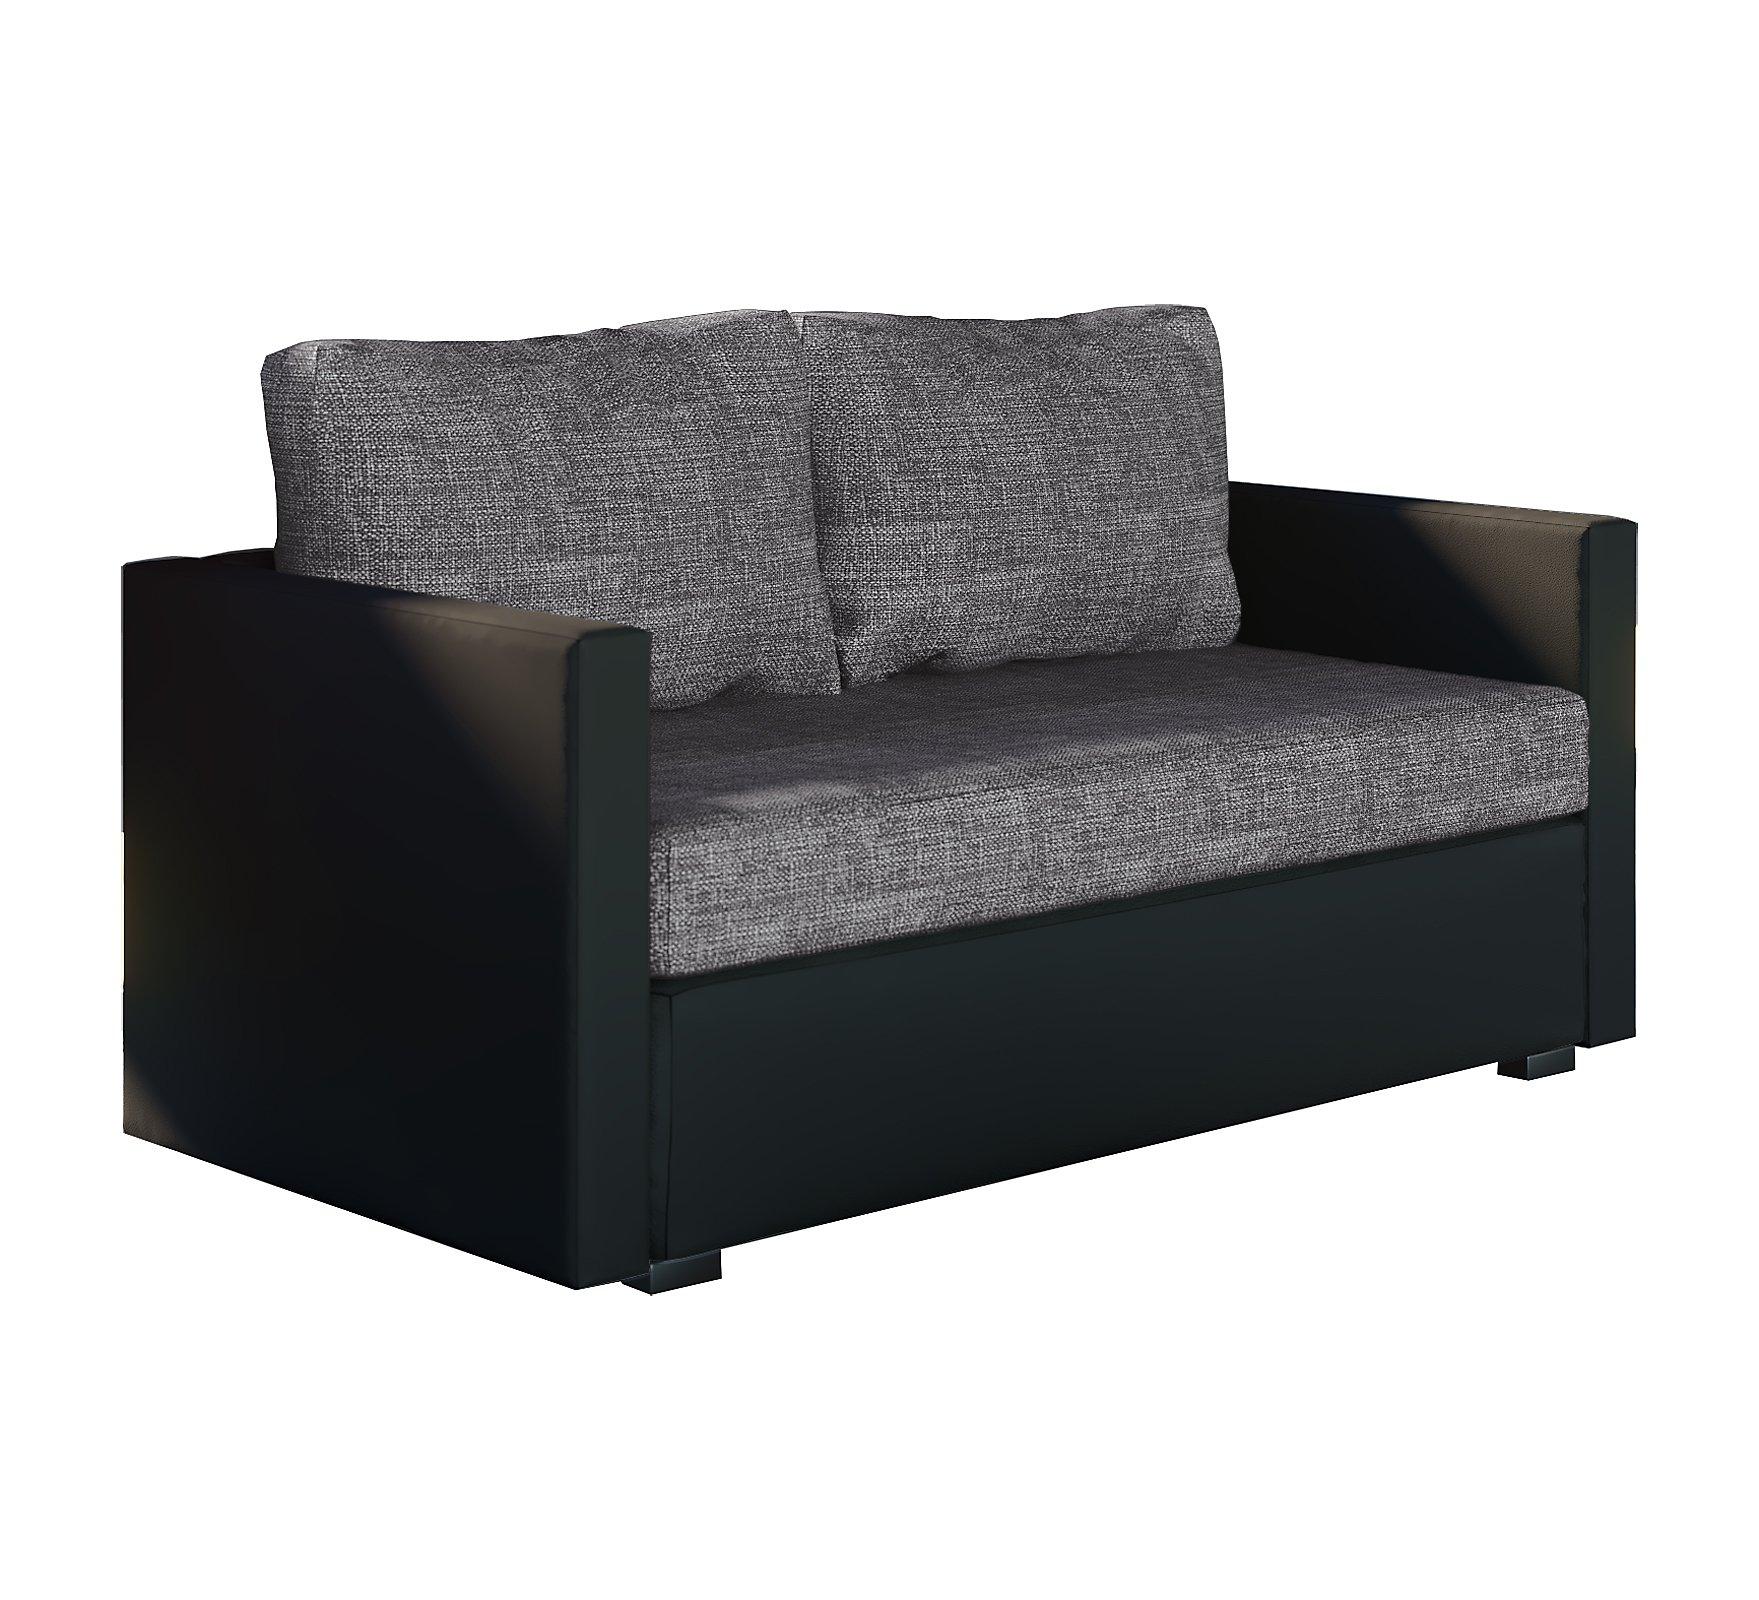 Vcm 2er Schlafsofa Sofabett Couch Sofa Mit Schlaffunktion Sinsa